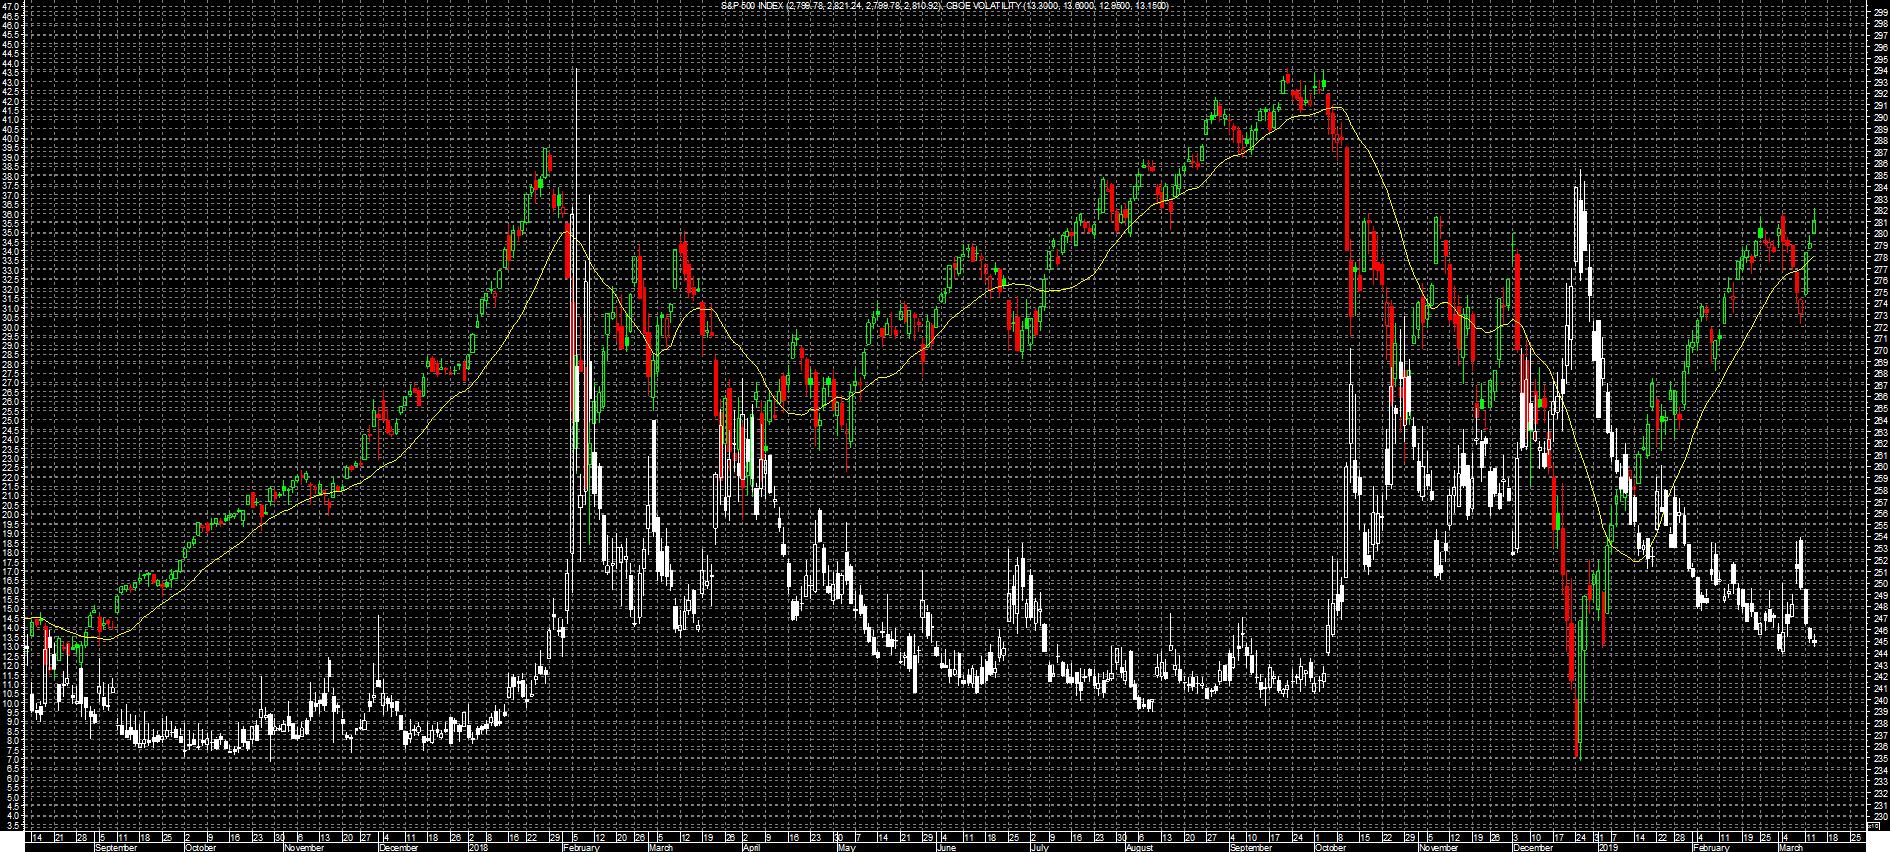 S&P 500 vx Vix